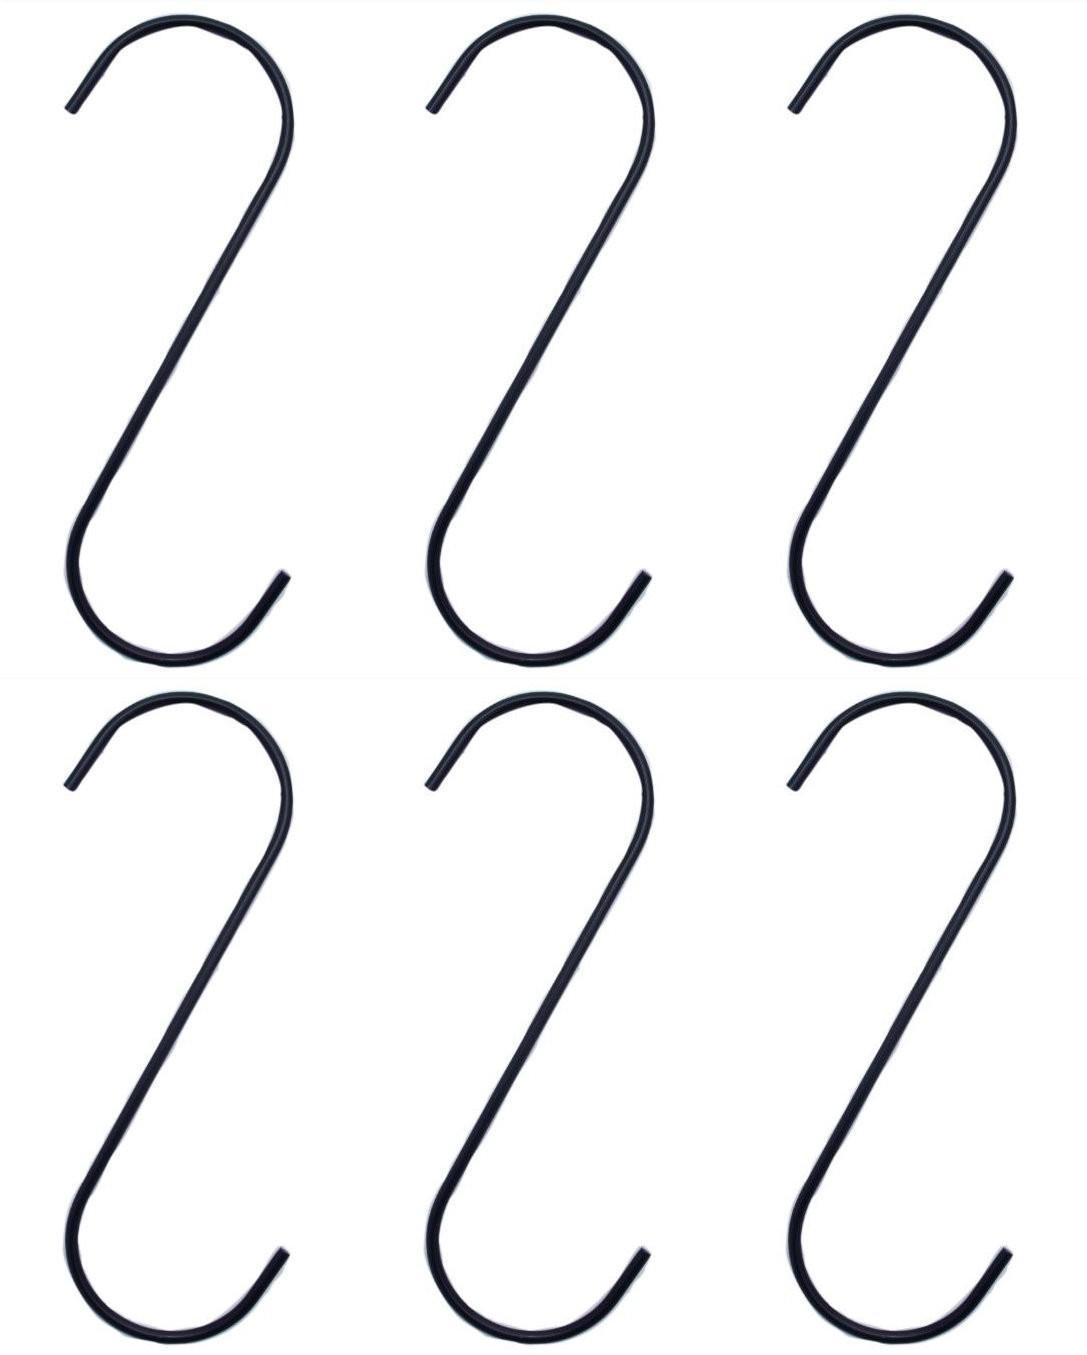 haken s form metall haken xxl schwarz 25 cm f r haus heim und hobby 6 st ck k che haushalt. Black Bedroom Furniture Sets. Home Design Ideas